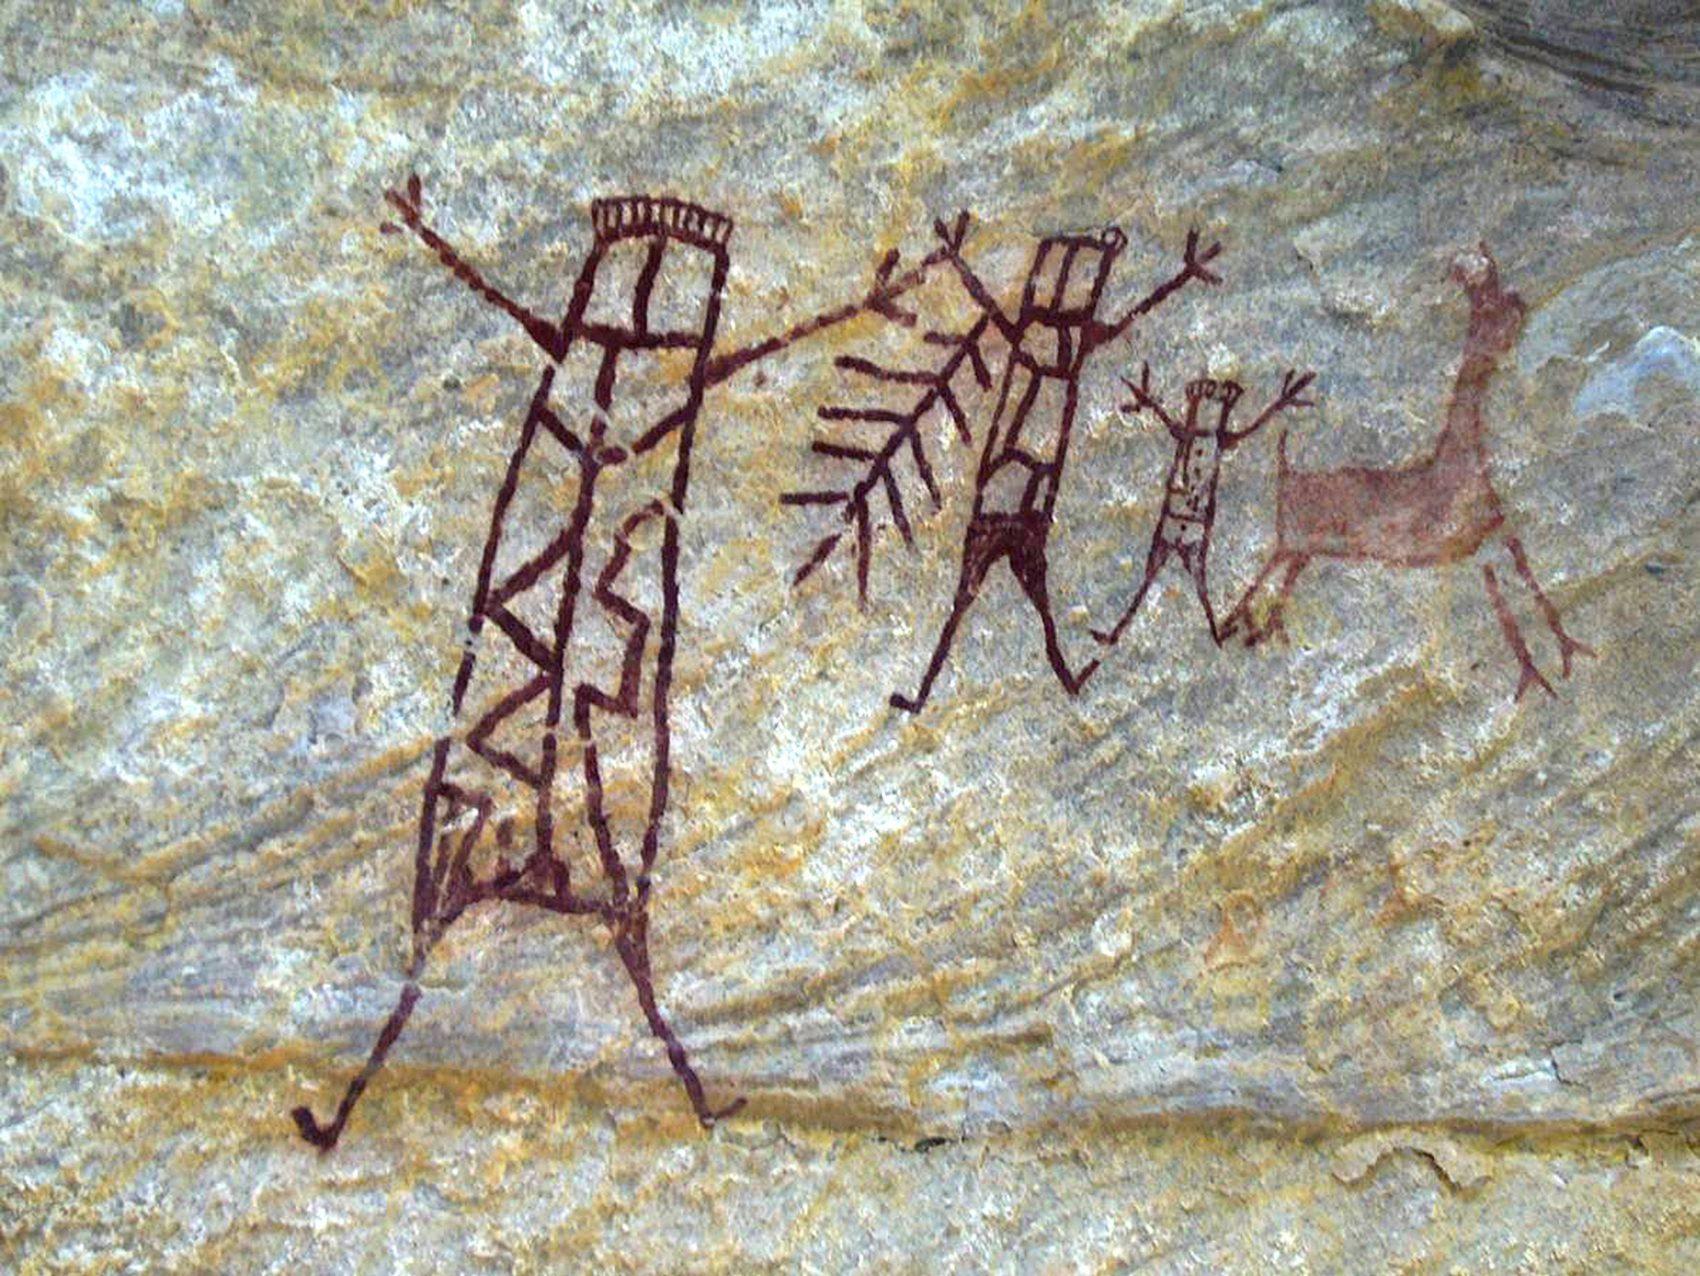 Pinturas rupestres datadas de 50 mil anos atrás estão no parque (Joaquim Neto / FUMDHAM / AFP)